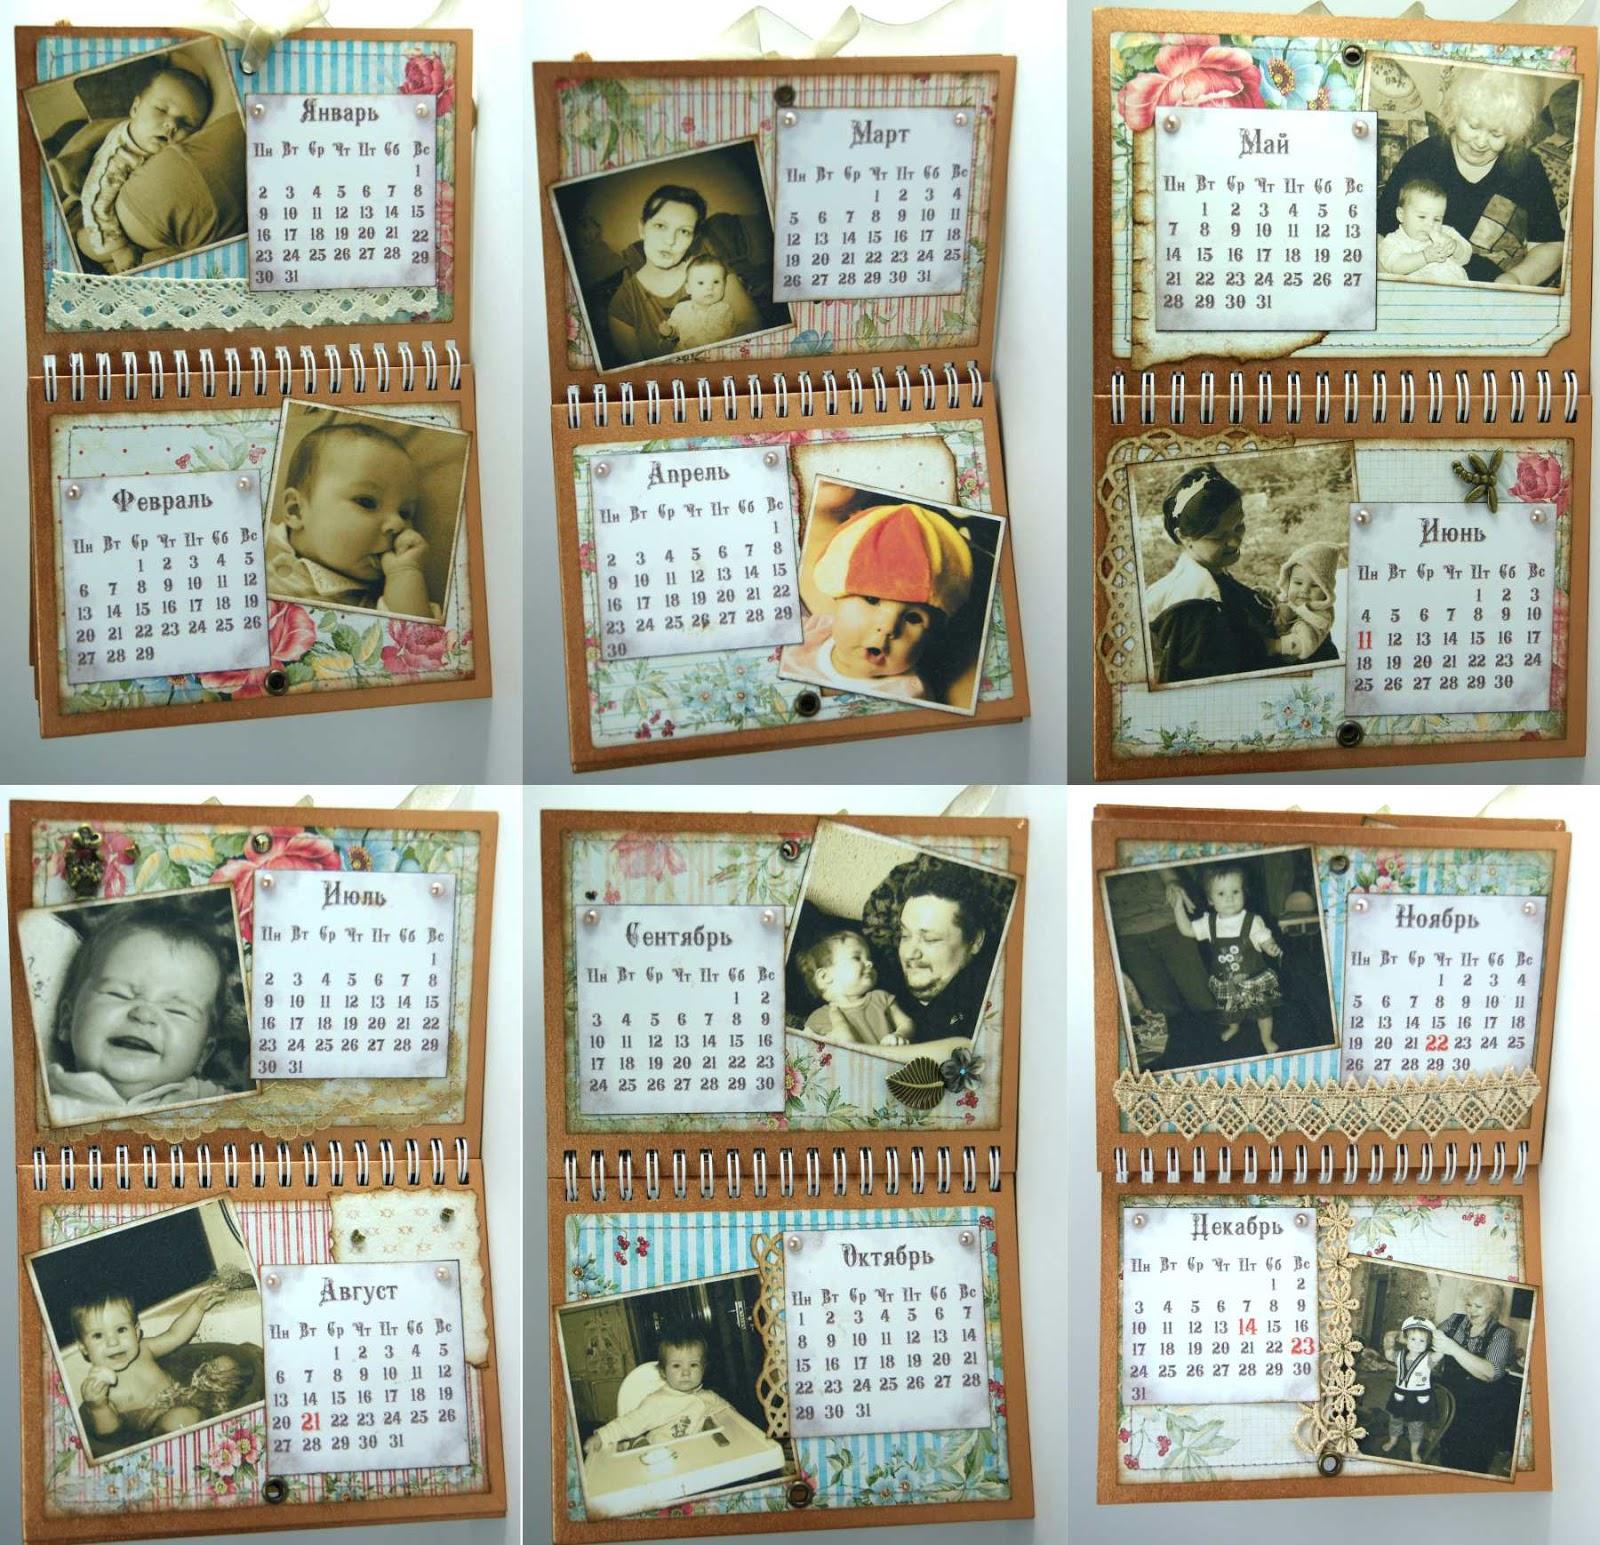 Программа фотоальбом календарь своими руками 73